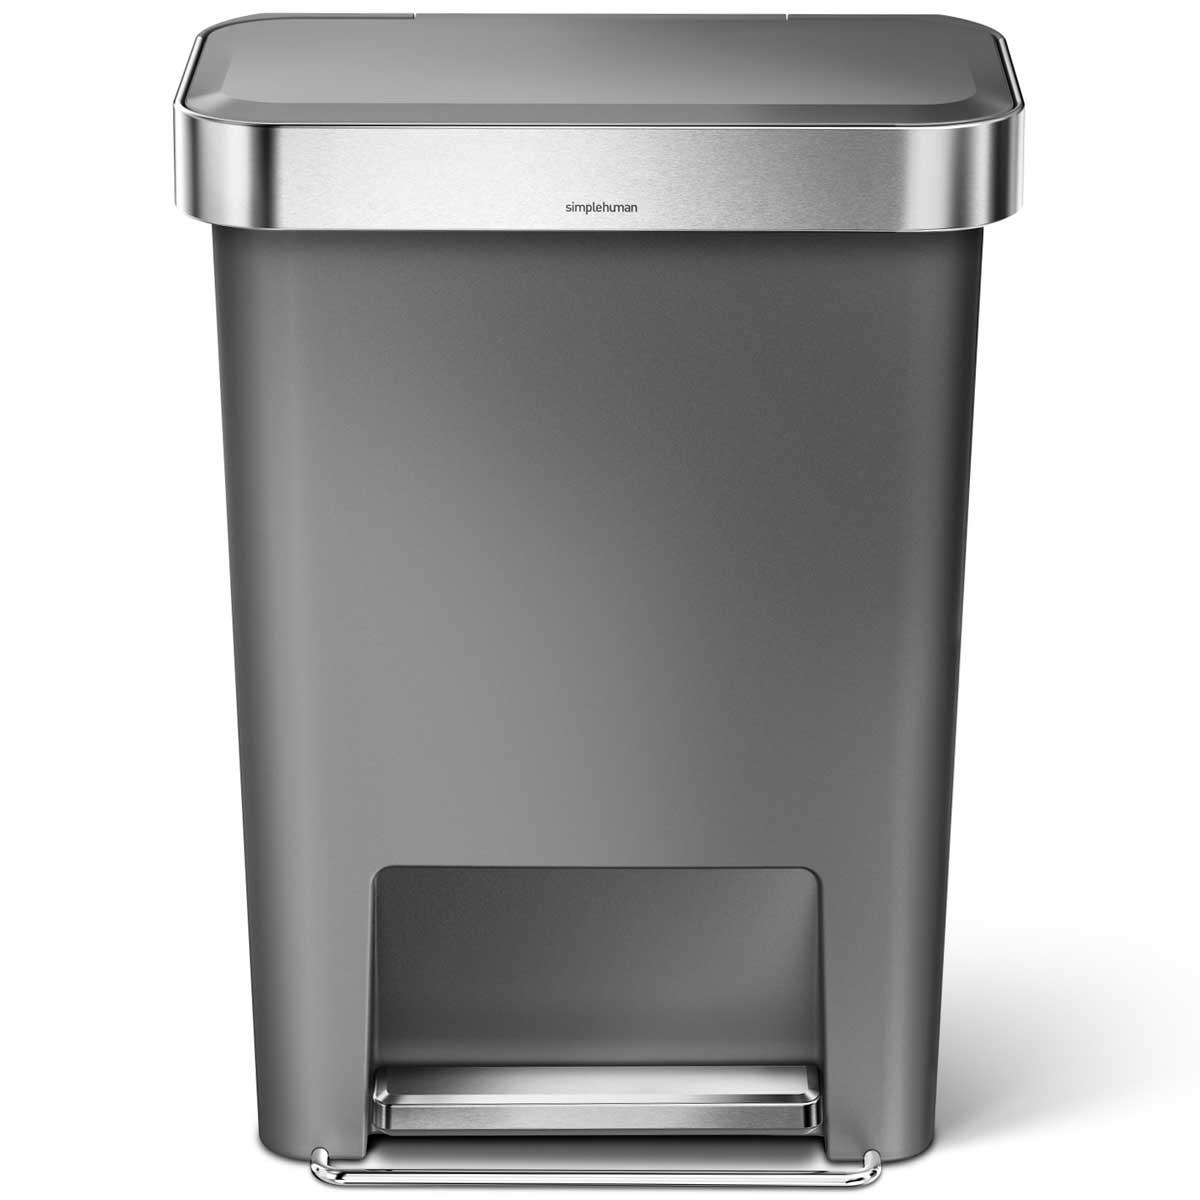 simplehuman ゴミ箱 プラスチックレクタンギュラーステップカン 45L ふた付き ペダル ダストボックス ごみ箱 シンプルヒューマン 正規品 メーカー保証付き 角型ゴミ箱 45リットル CW1386 グレー